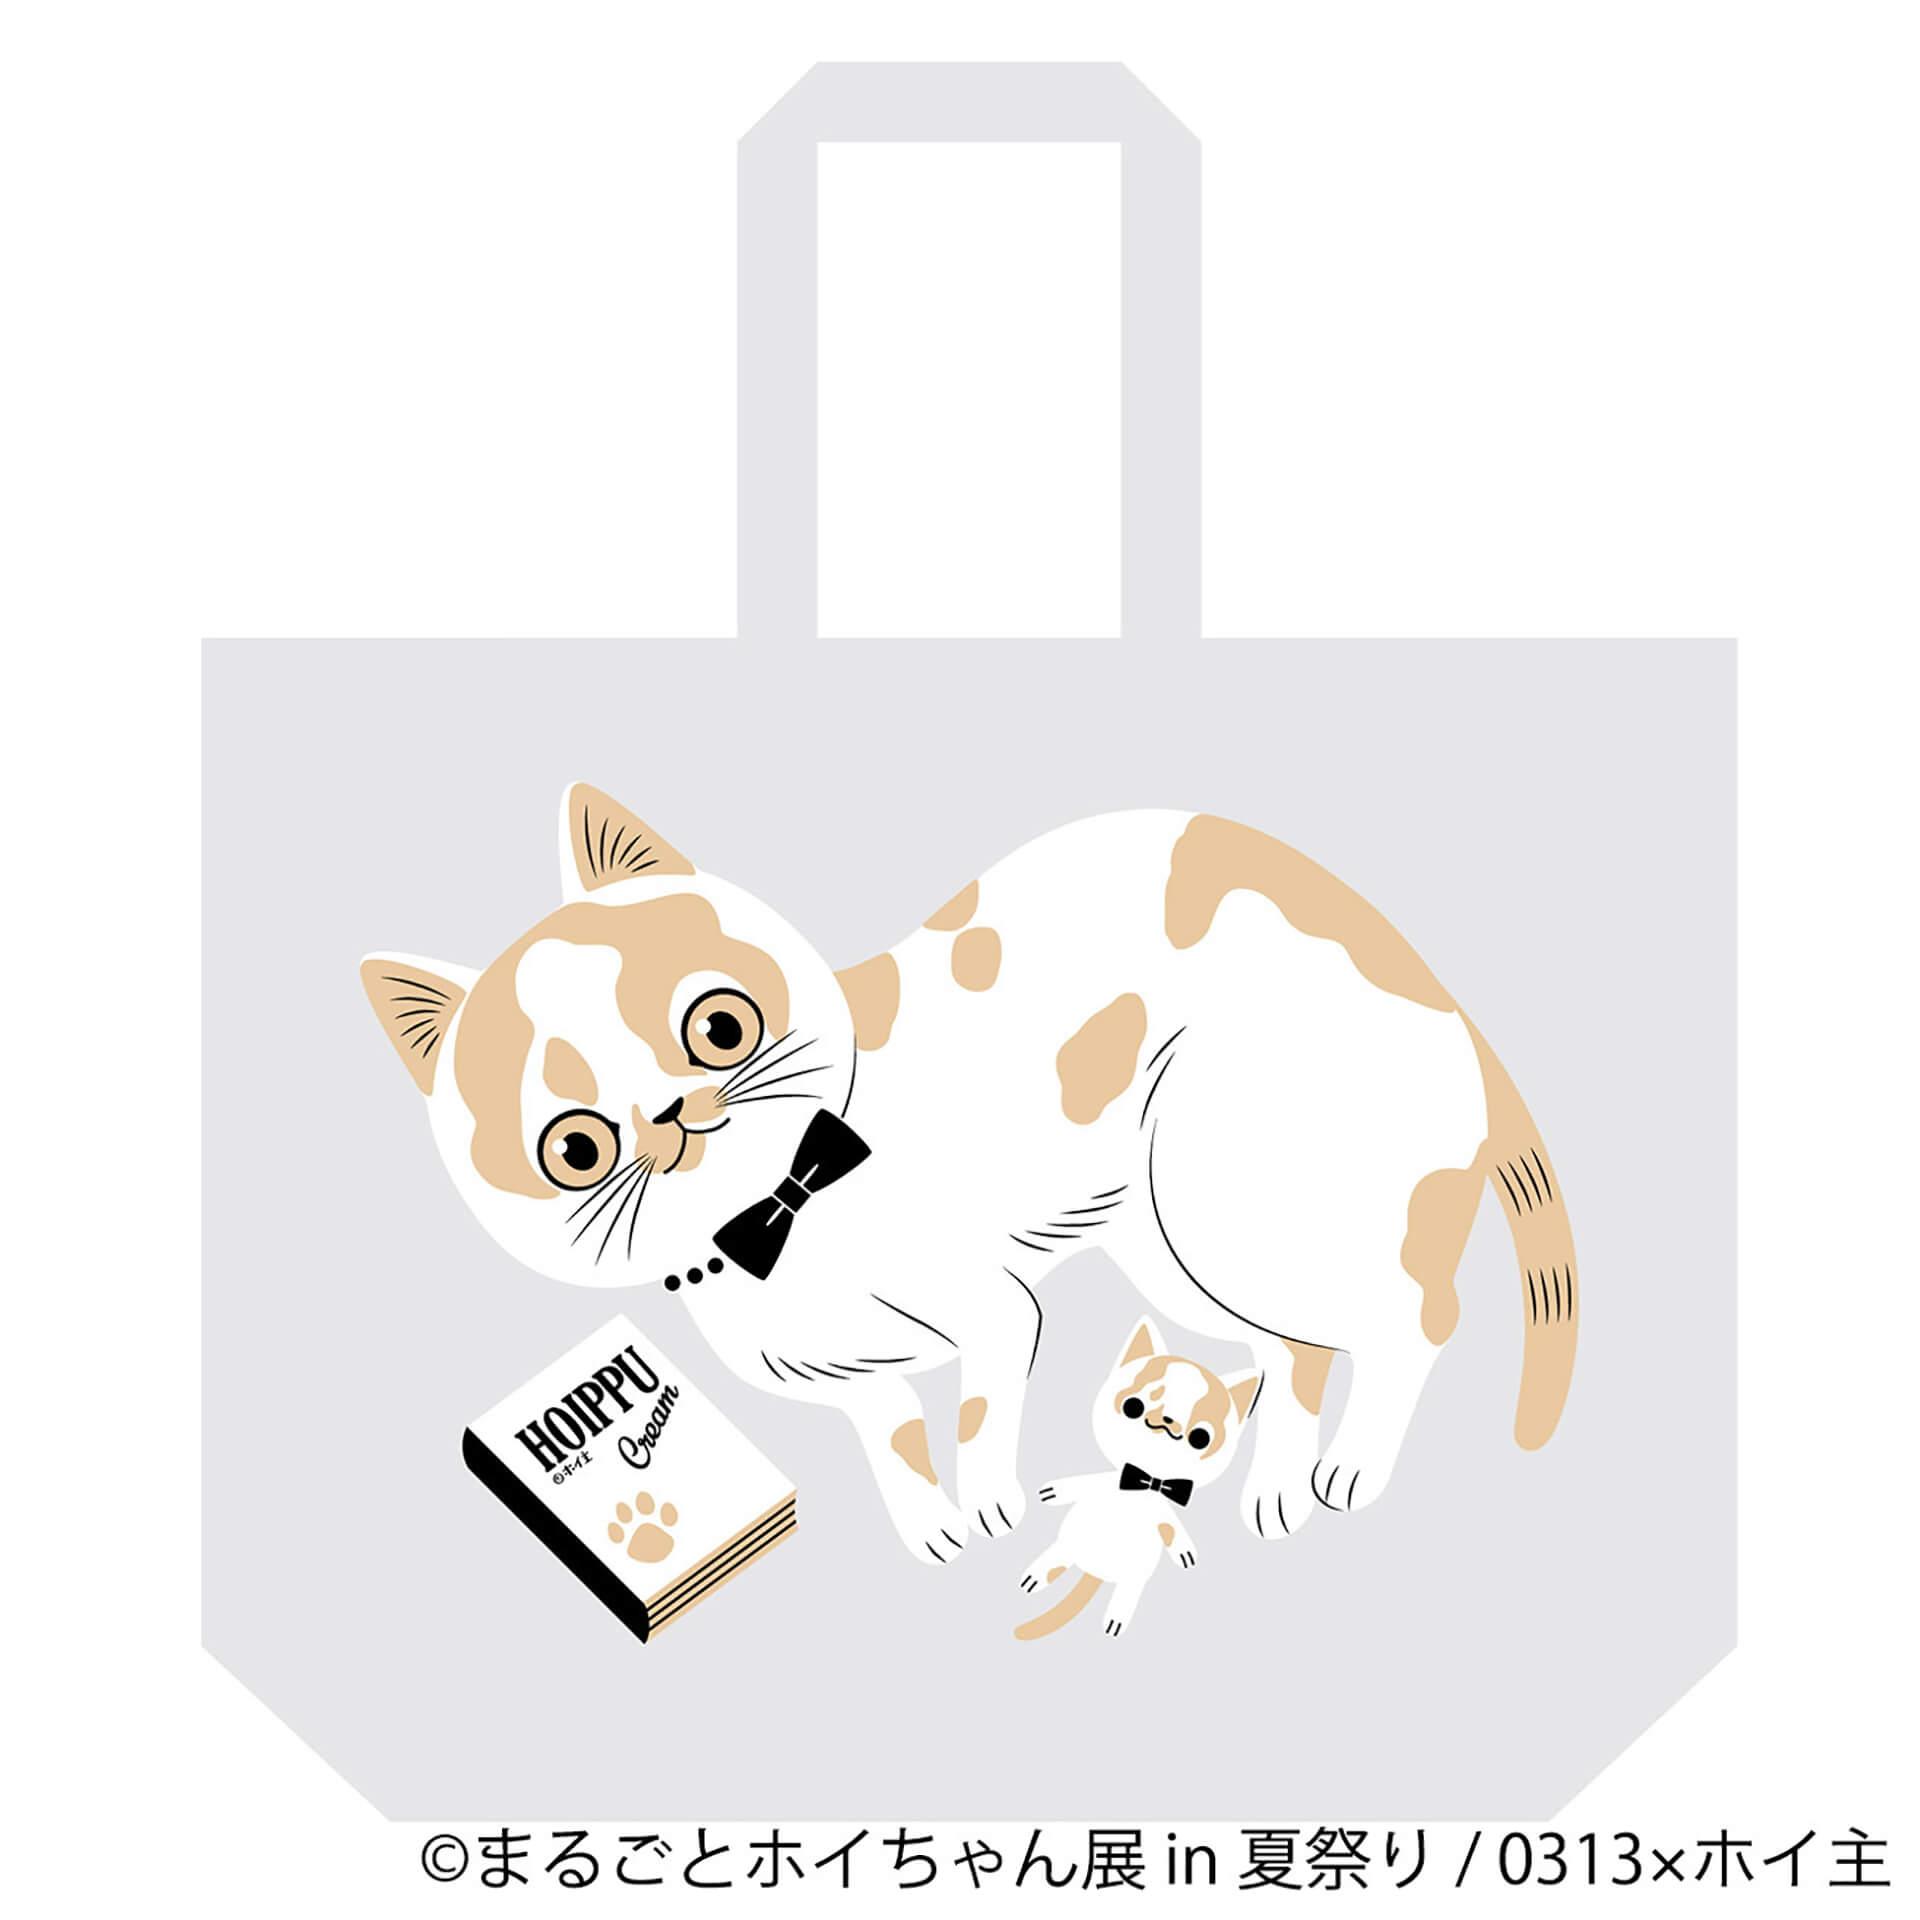 この写真はまるごとホイちゃん展 in 夏祭りの物販例。イラストのトートです